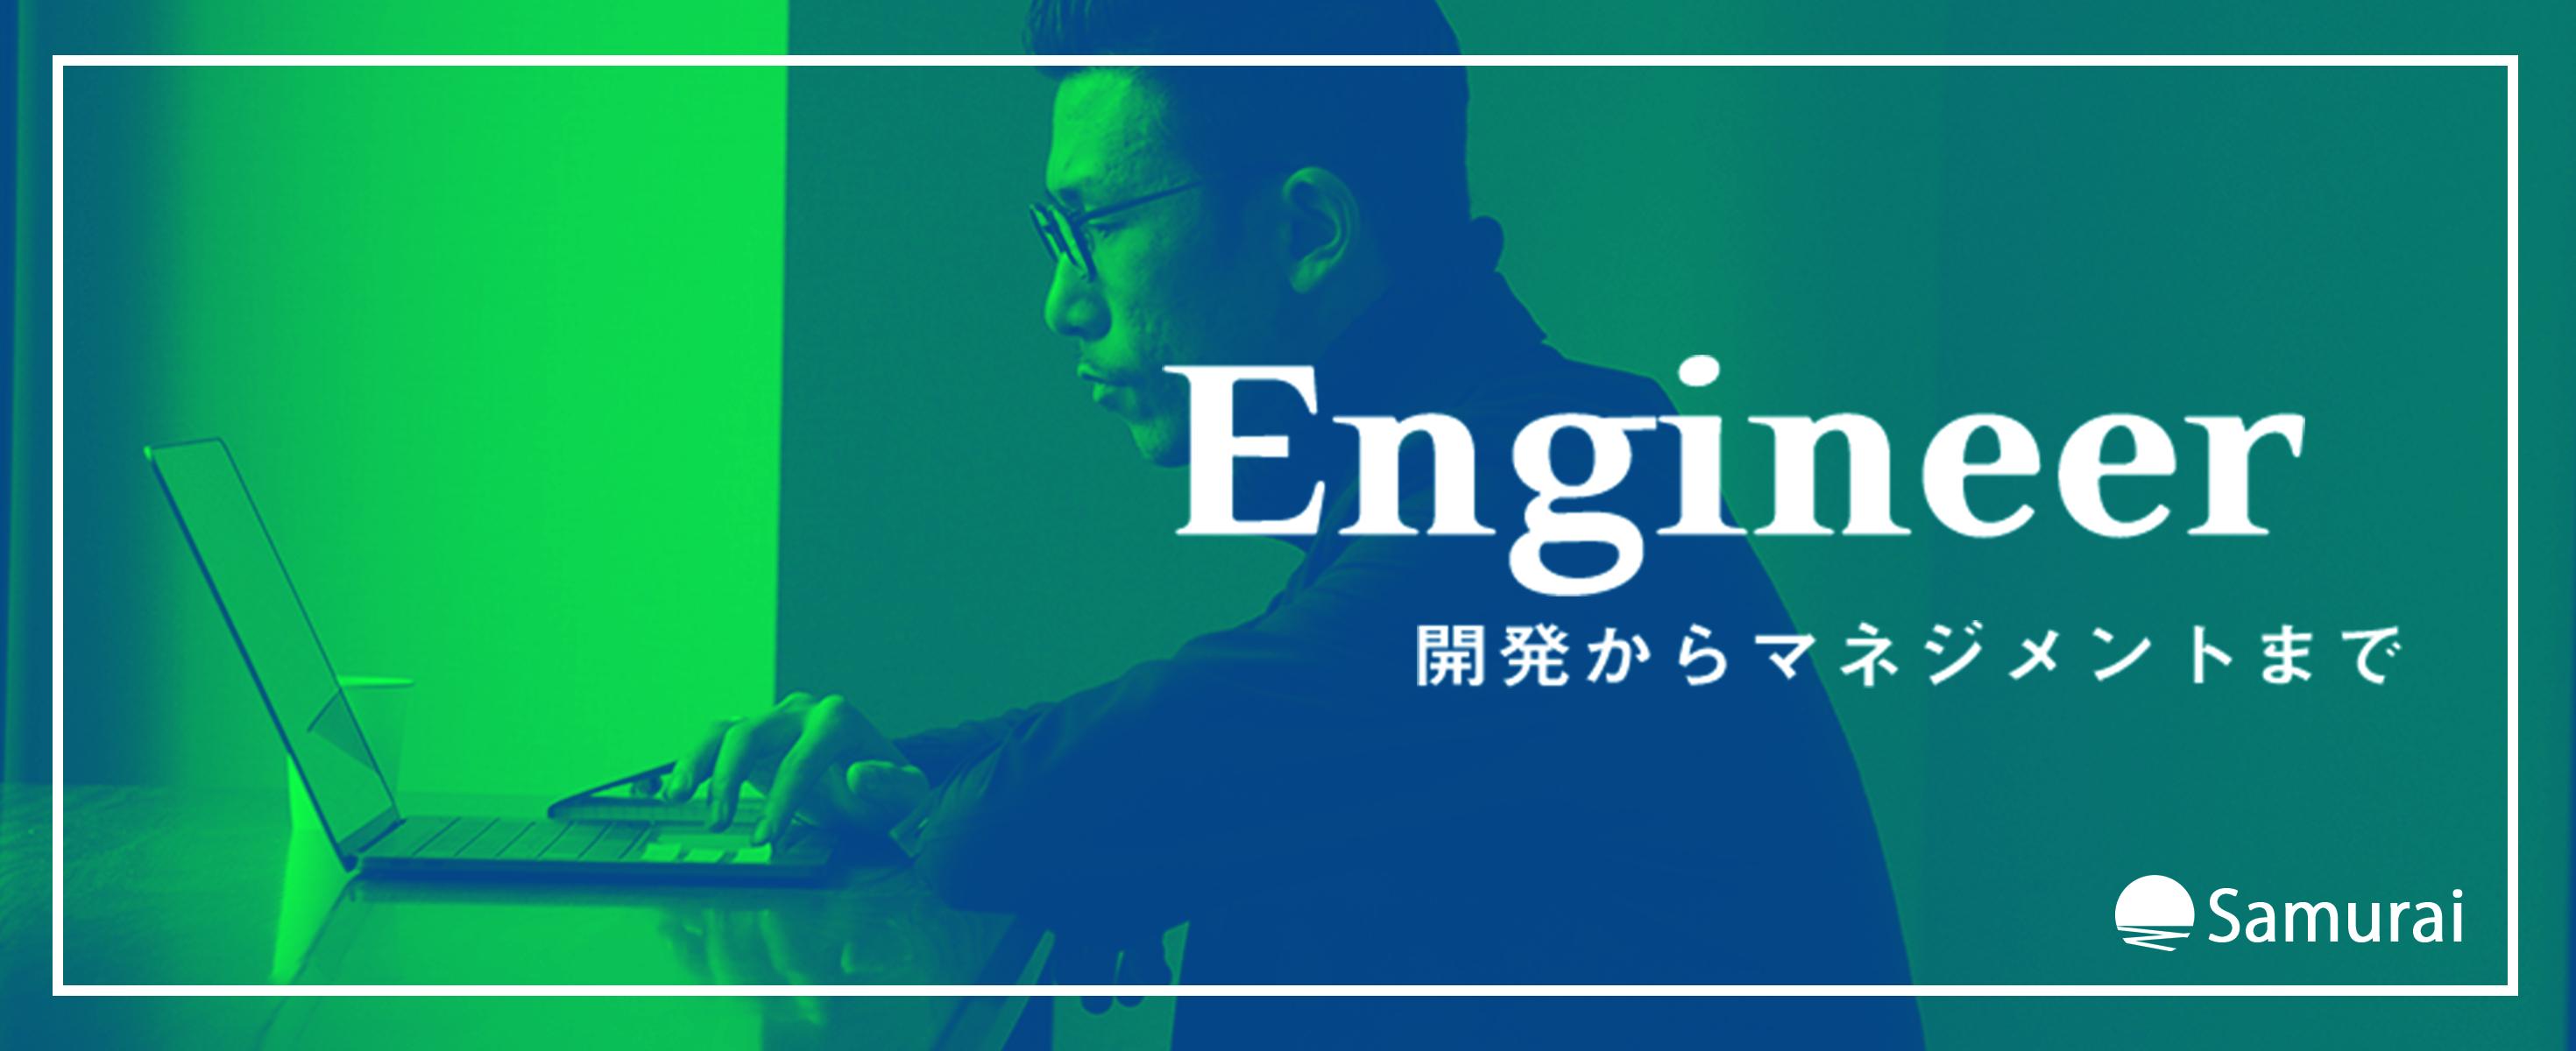 【リモートOK/週20h〜/Vue.js歓迎!】新規のエンジニア向けニュースアプリをフロントエンジニアとして一緒に立ち上げませんか?